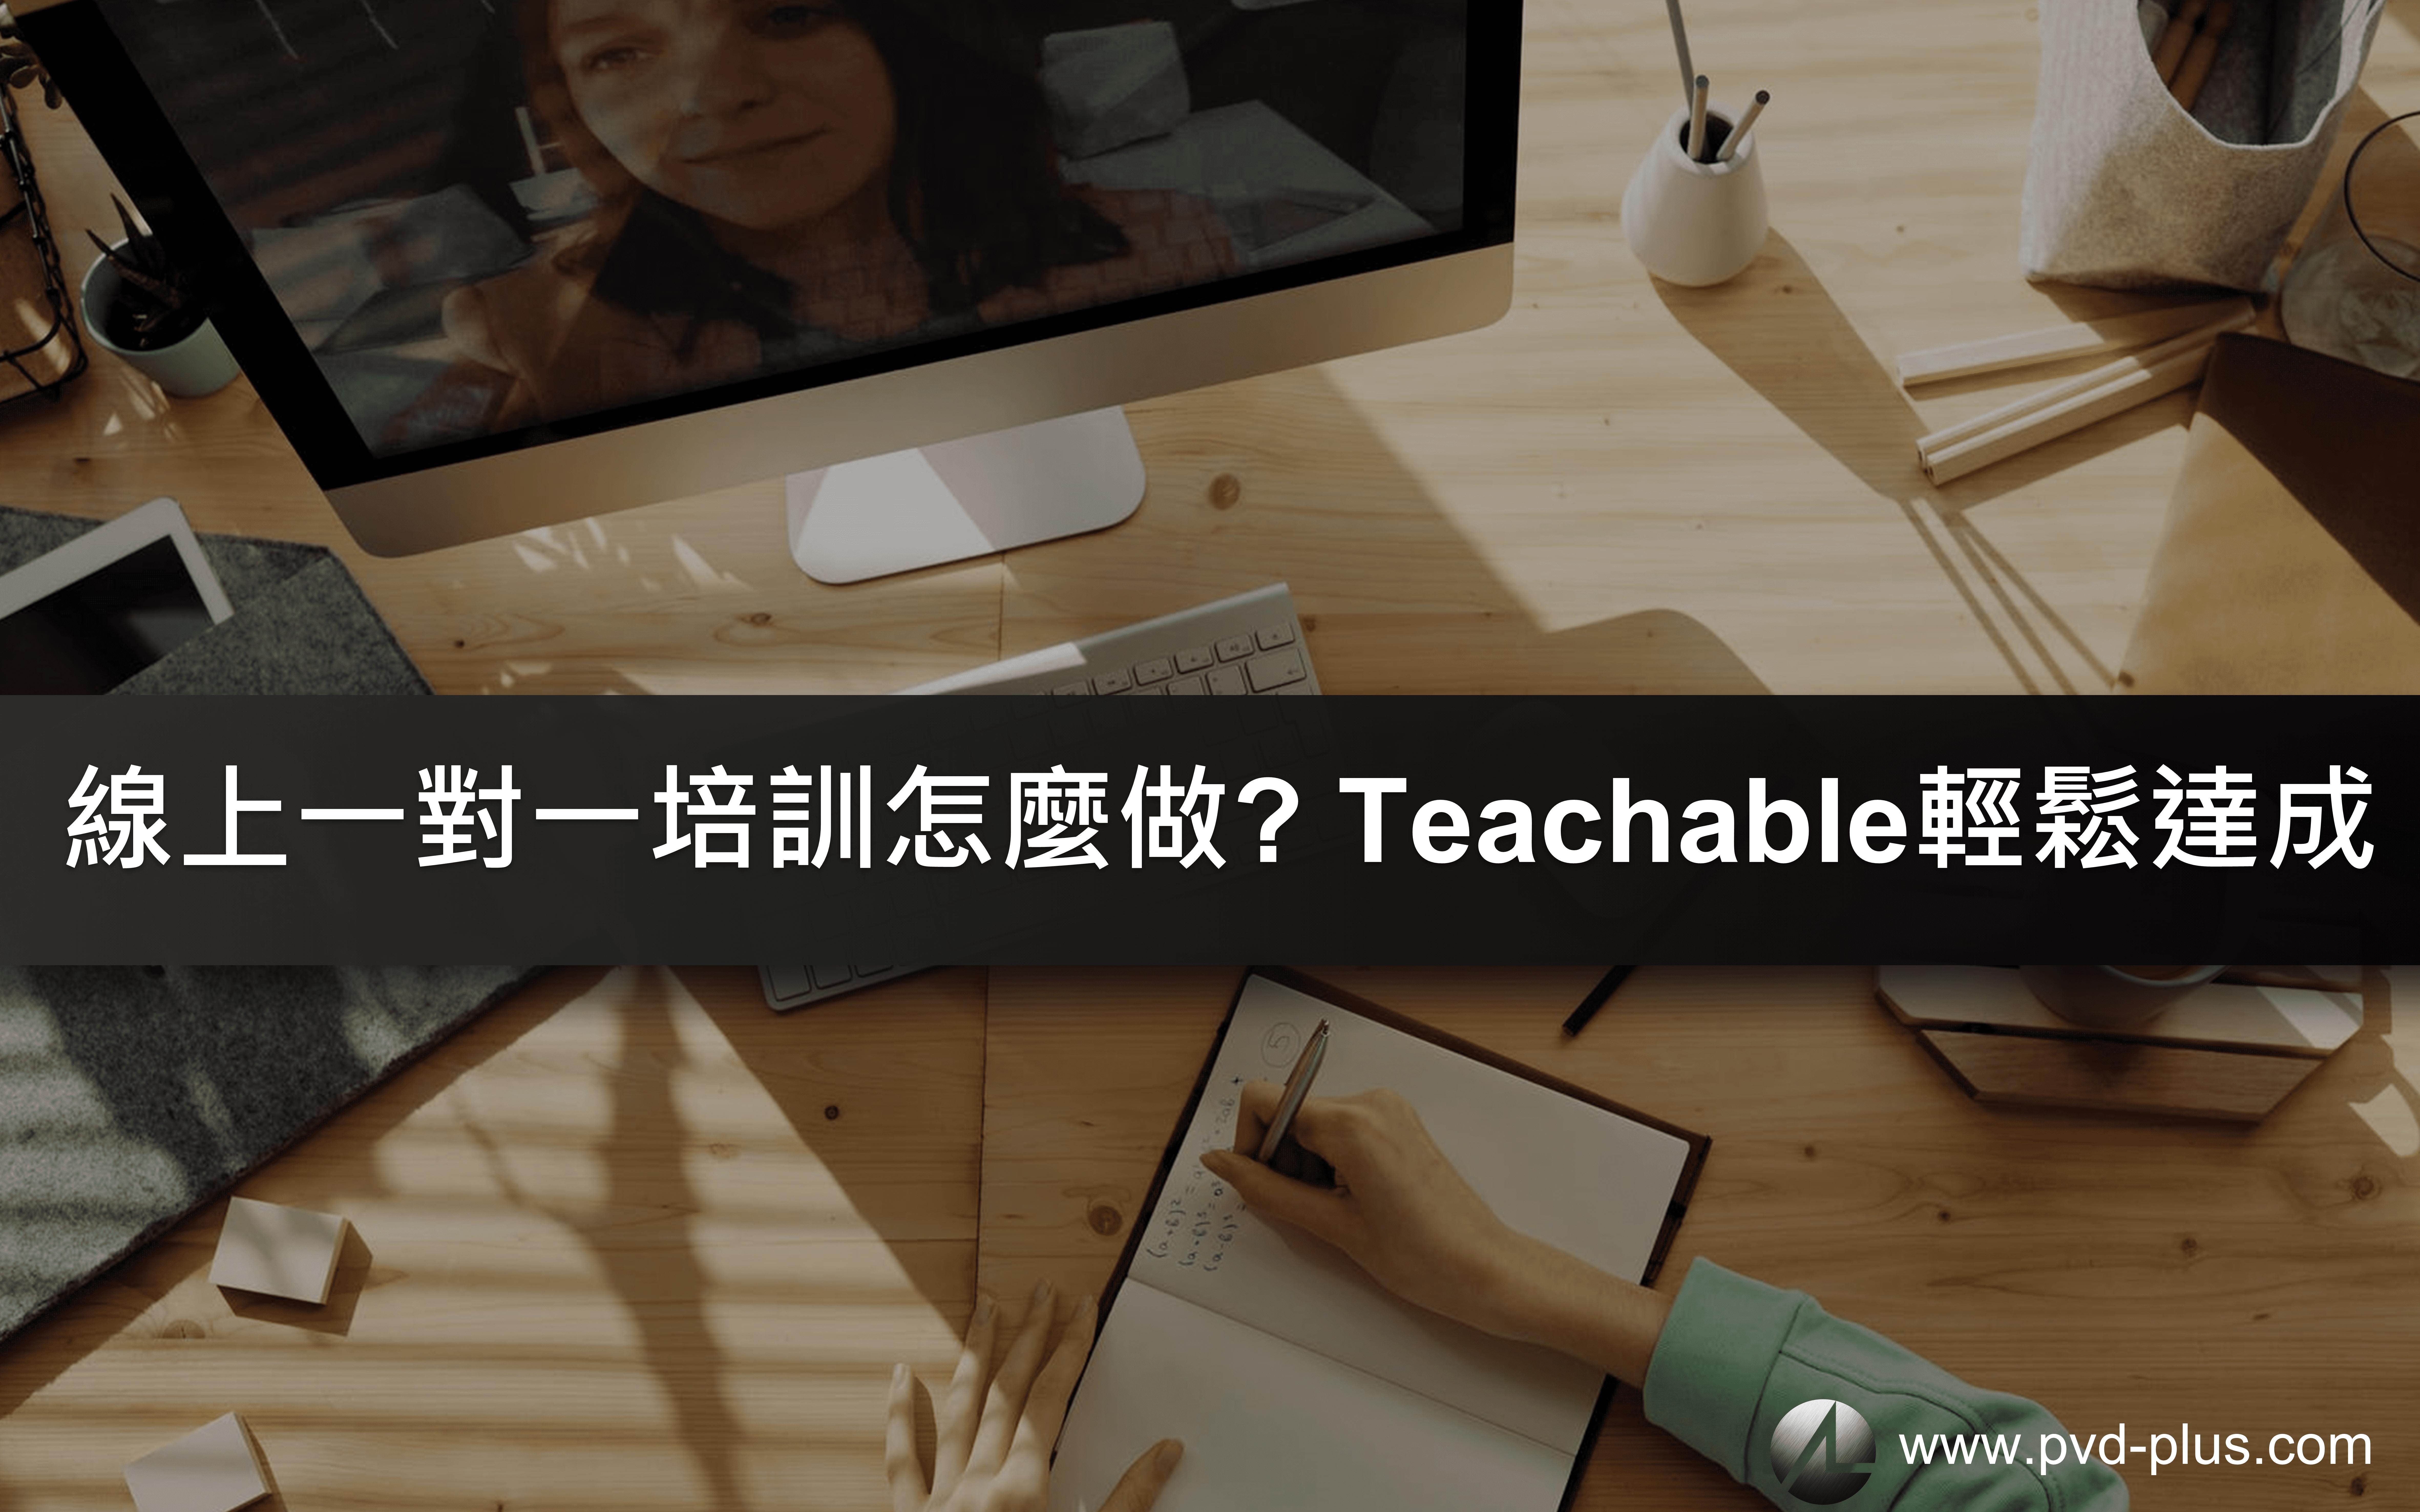 線上開課必學!Teachable 如何上架一對一輔導課程? 7個步驟跟著設定就完成!